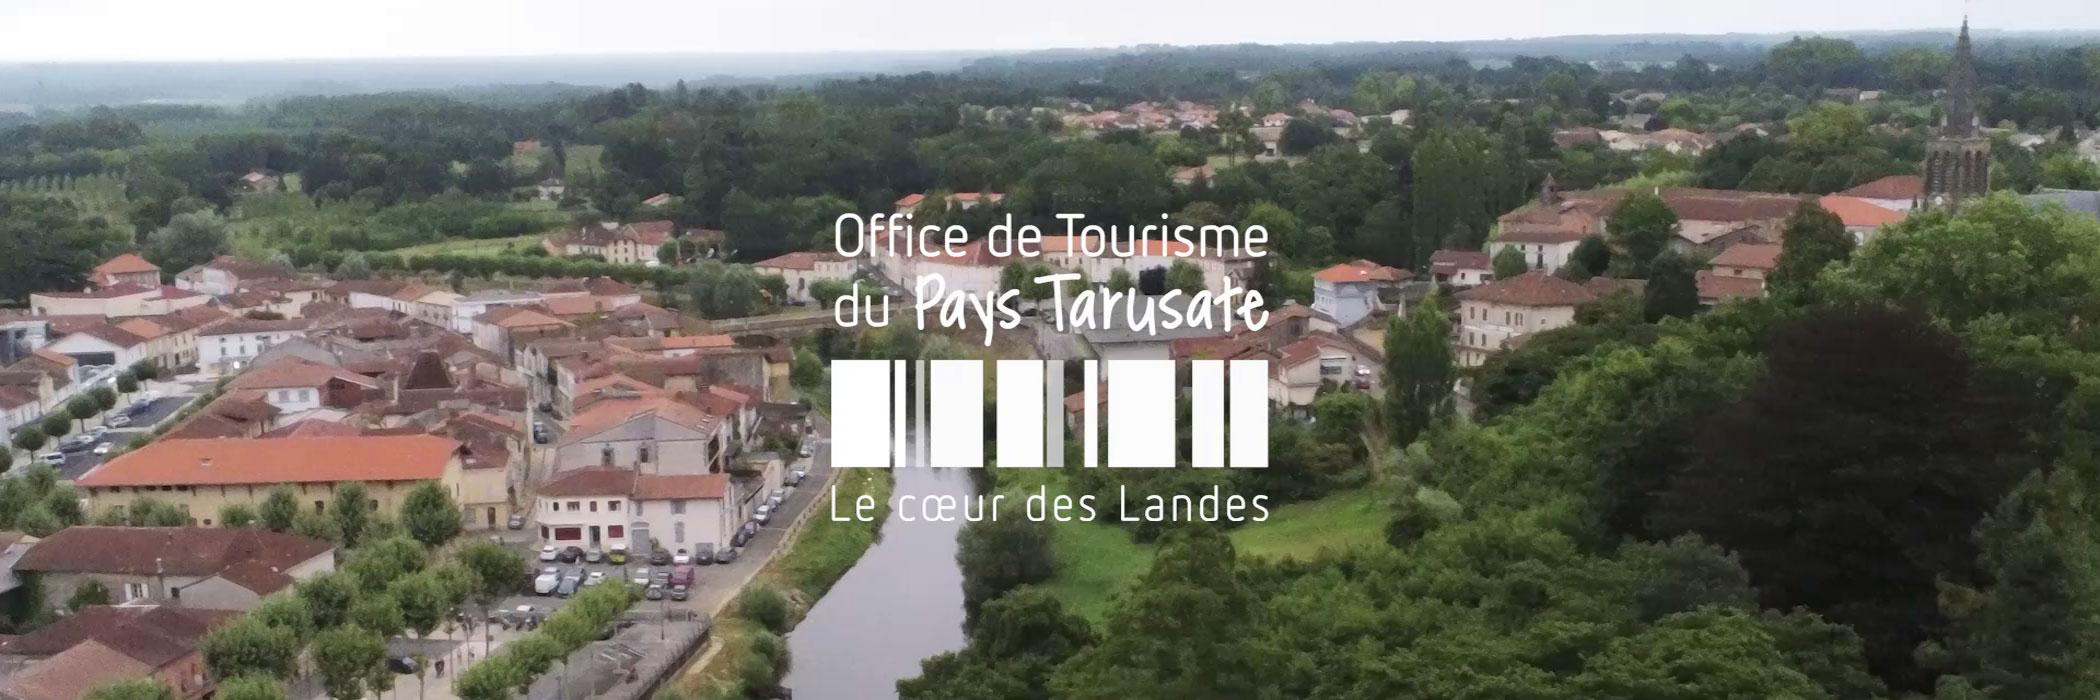 2381e5d68a34c7 Accueil - Office de Tourisme du Pays Tarusate - Le coeur des Landes (40)